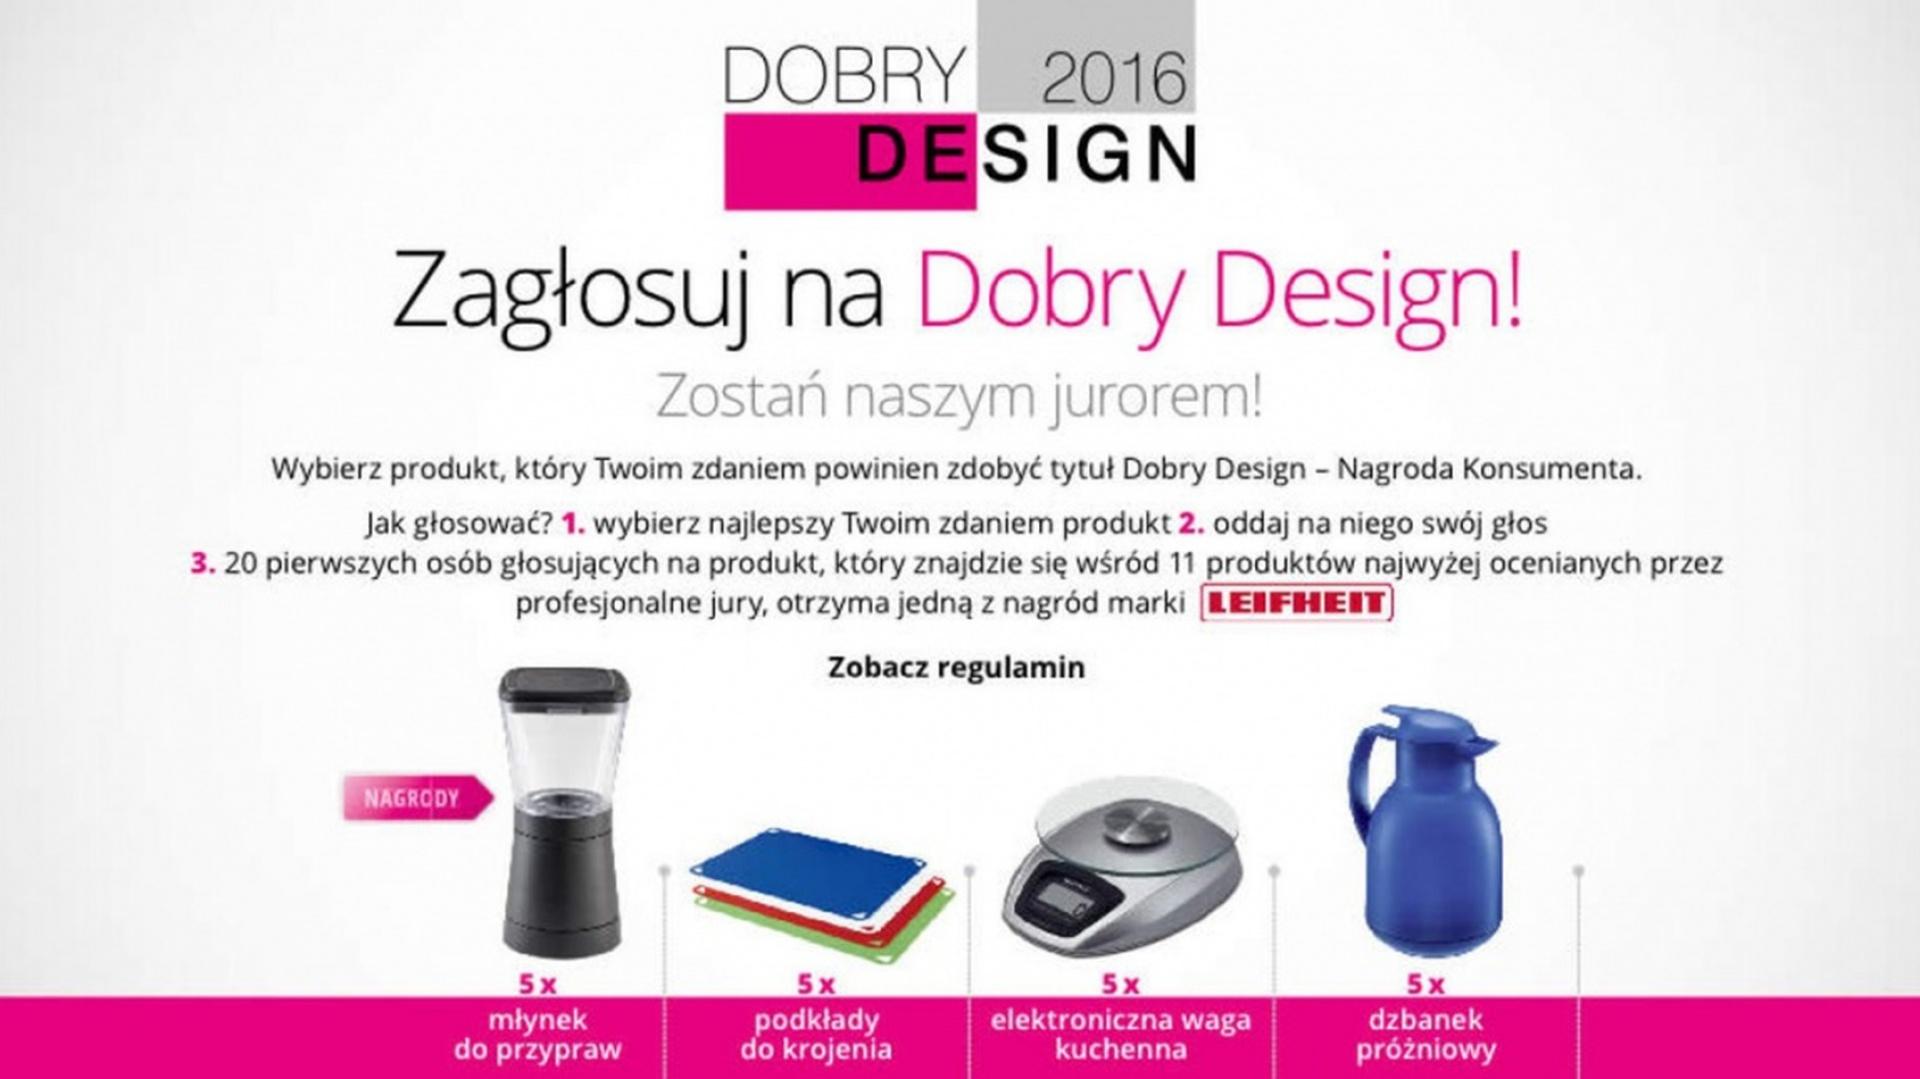 Nagrody za głosowanie konsumentów na Dobry Design 2016 przyznane.